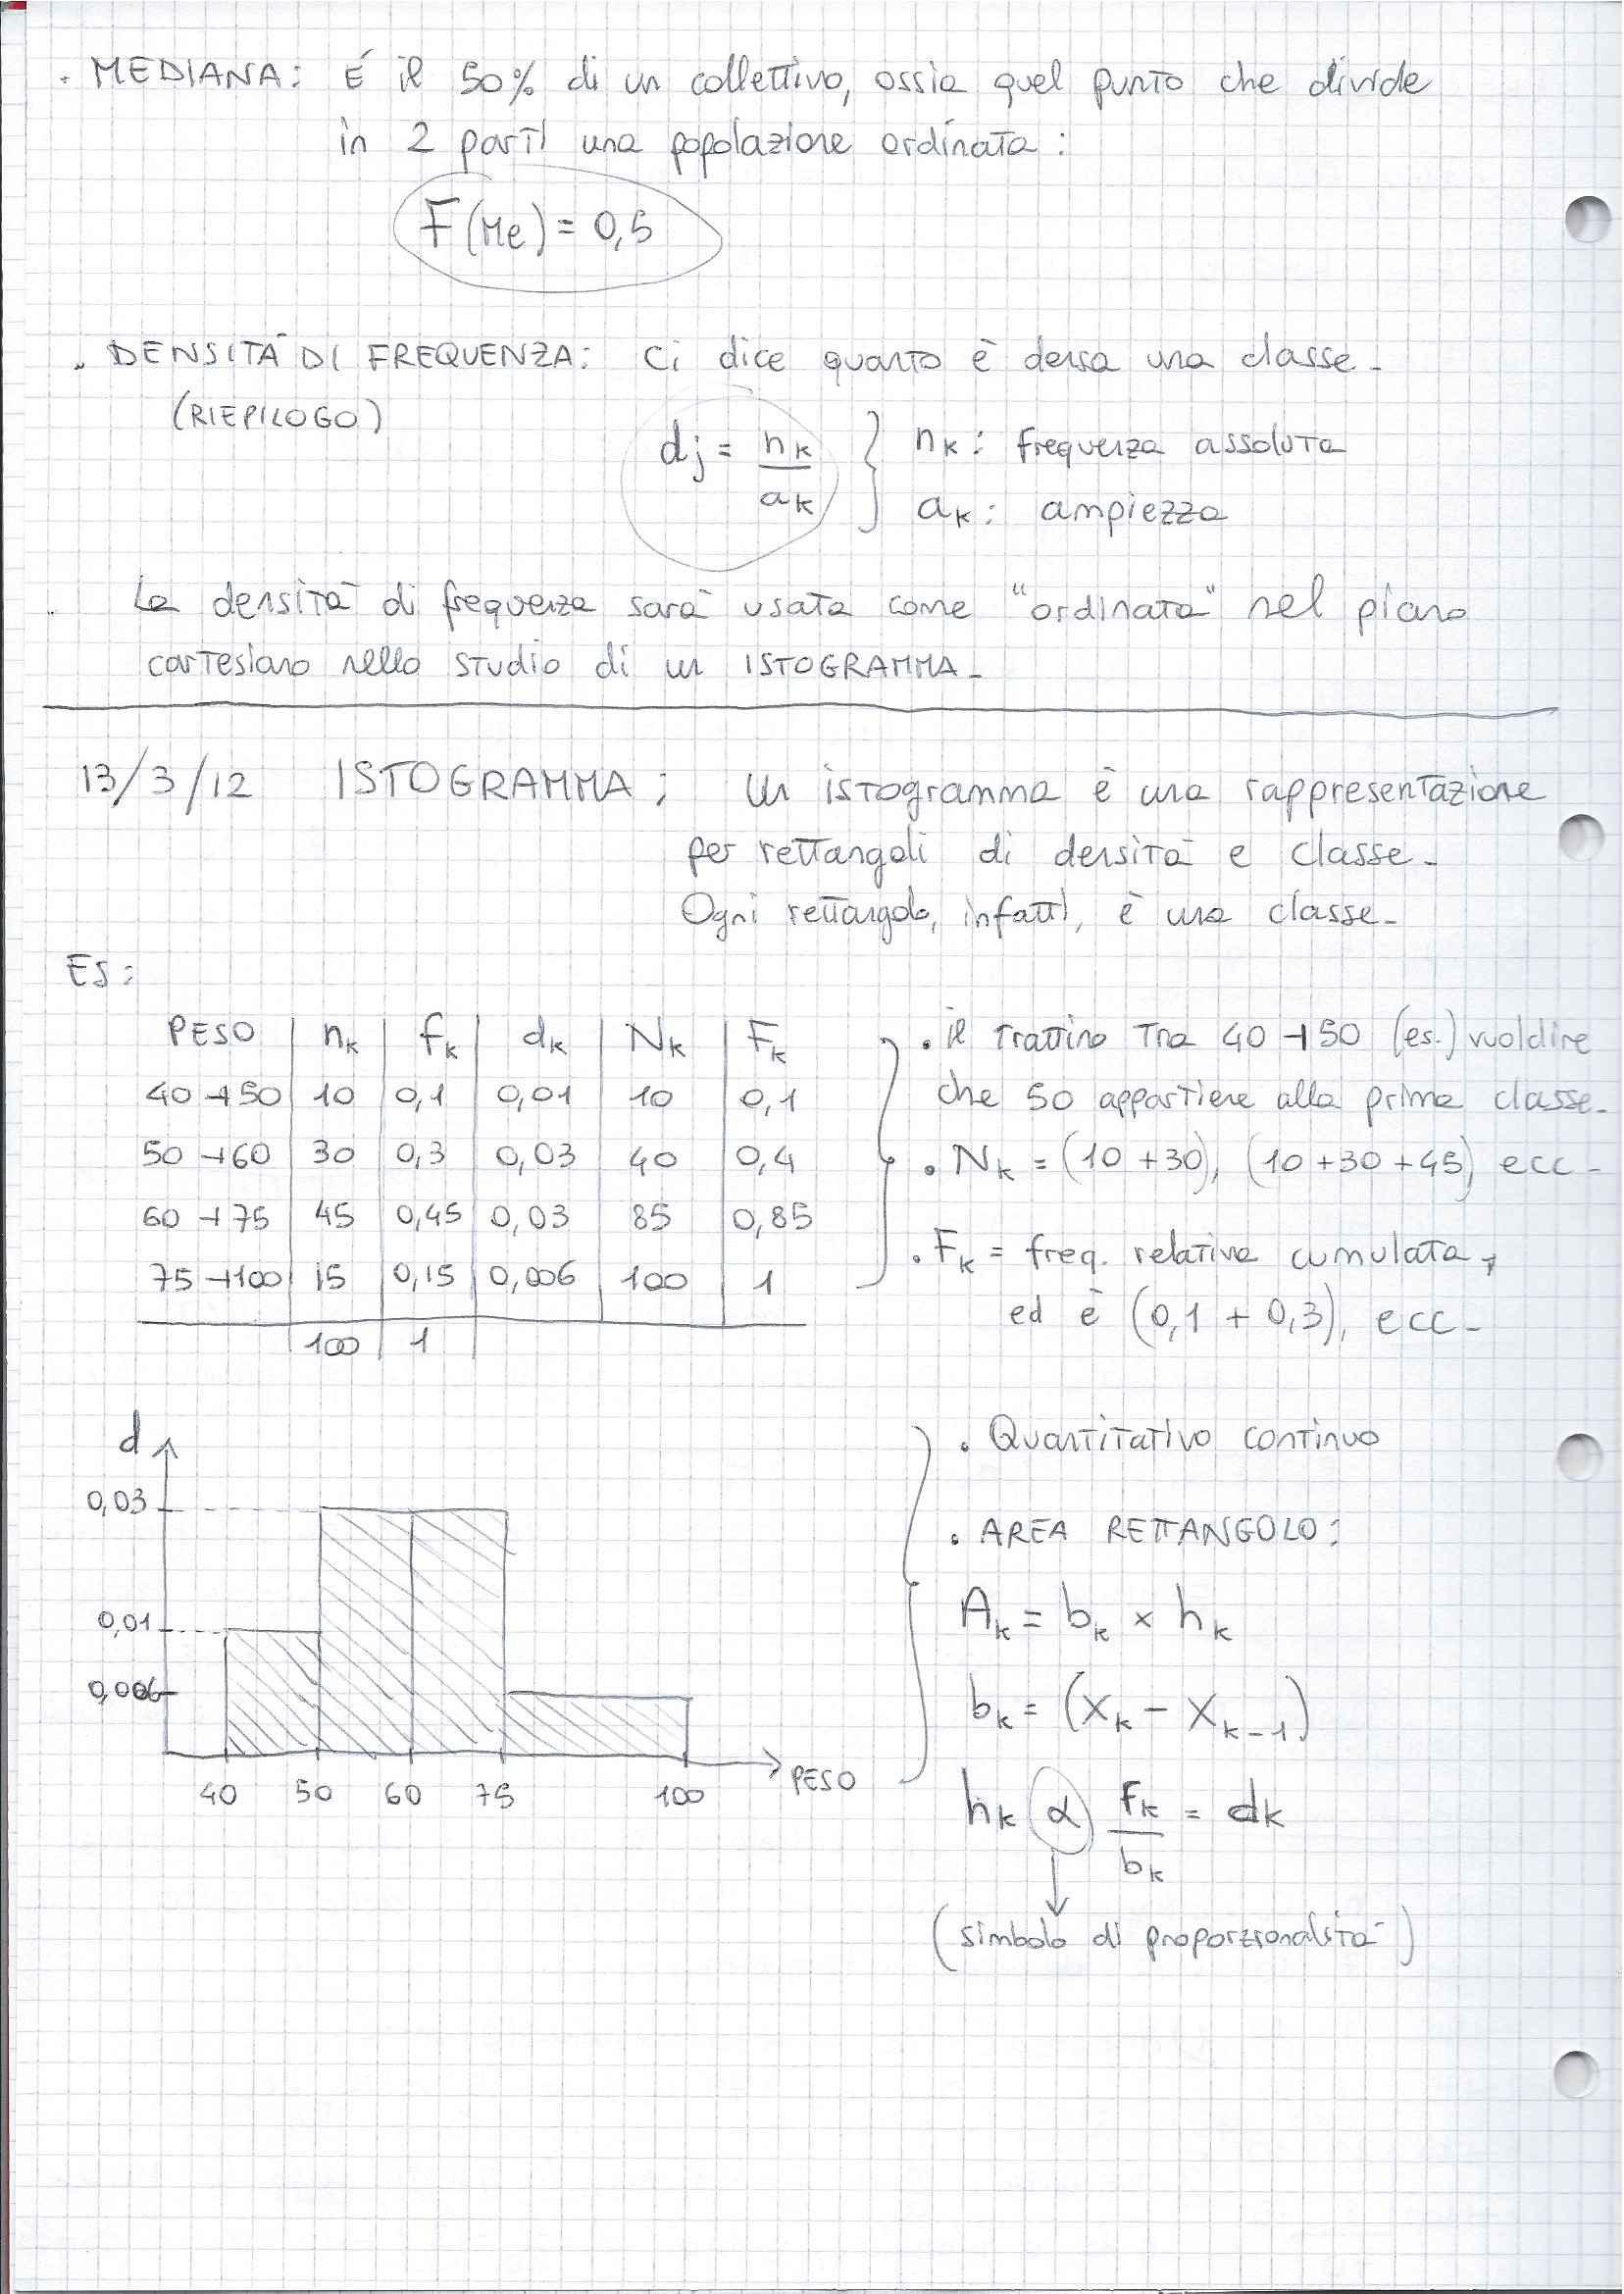 Statistica - Mediana e frequenza